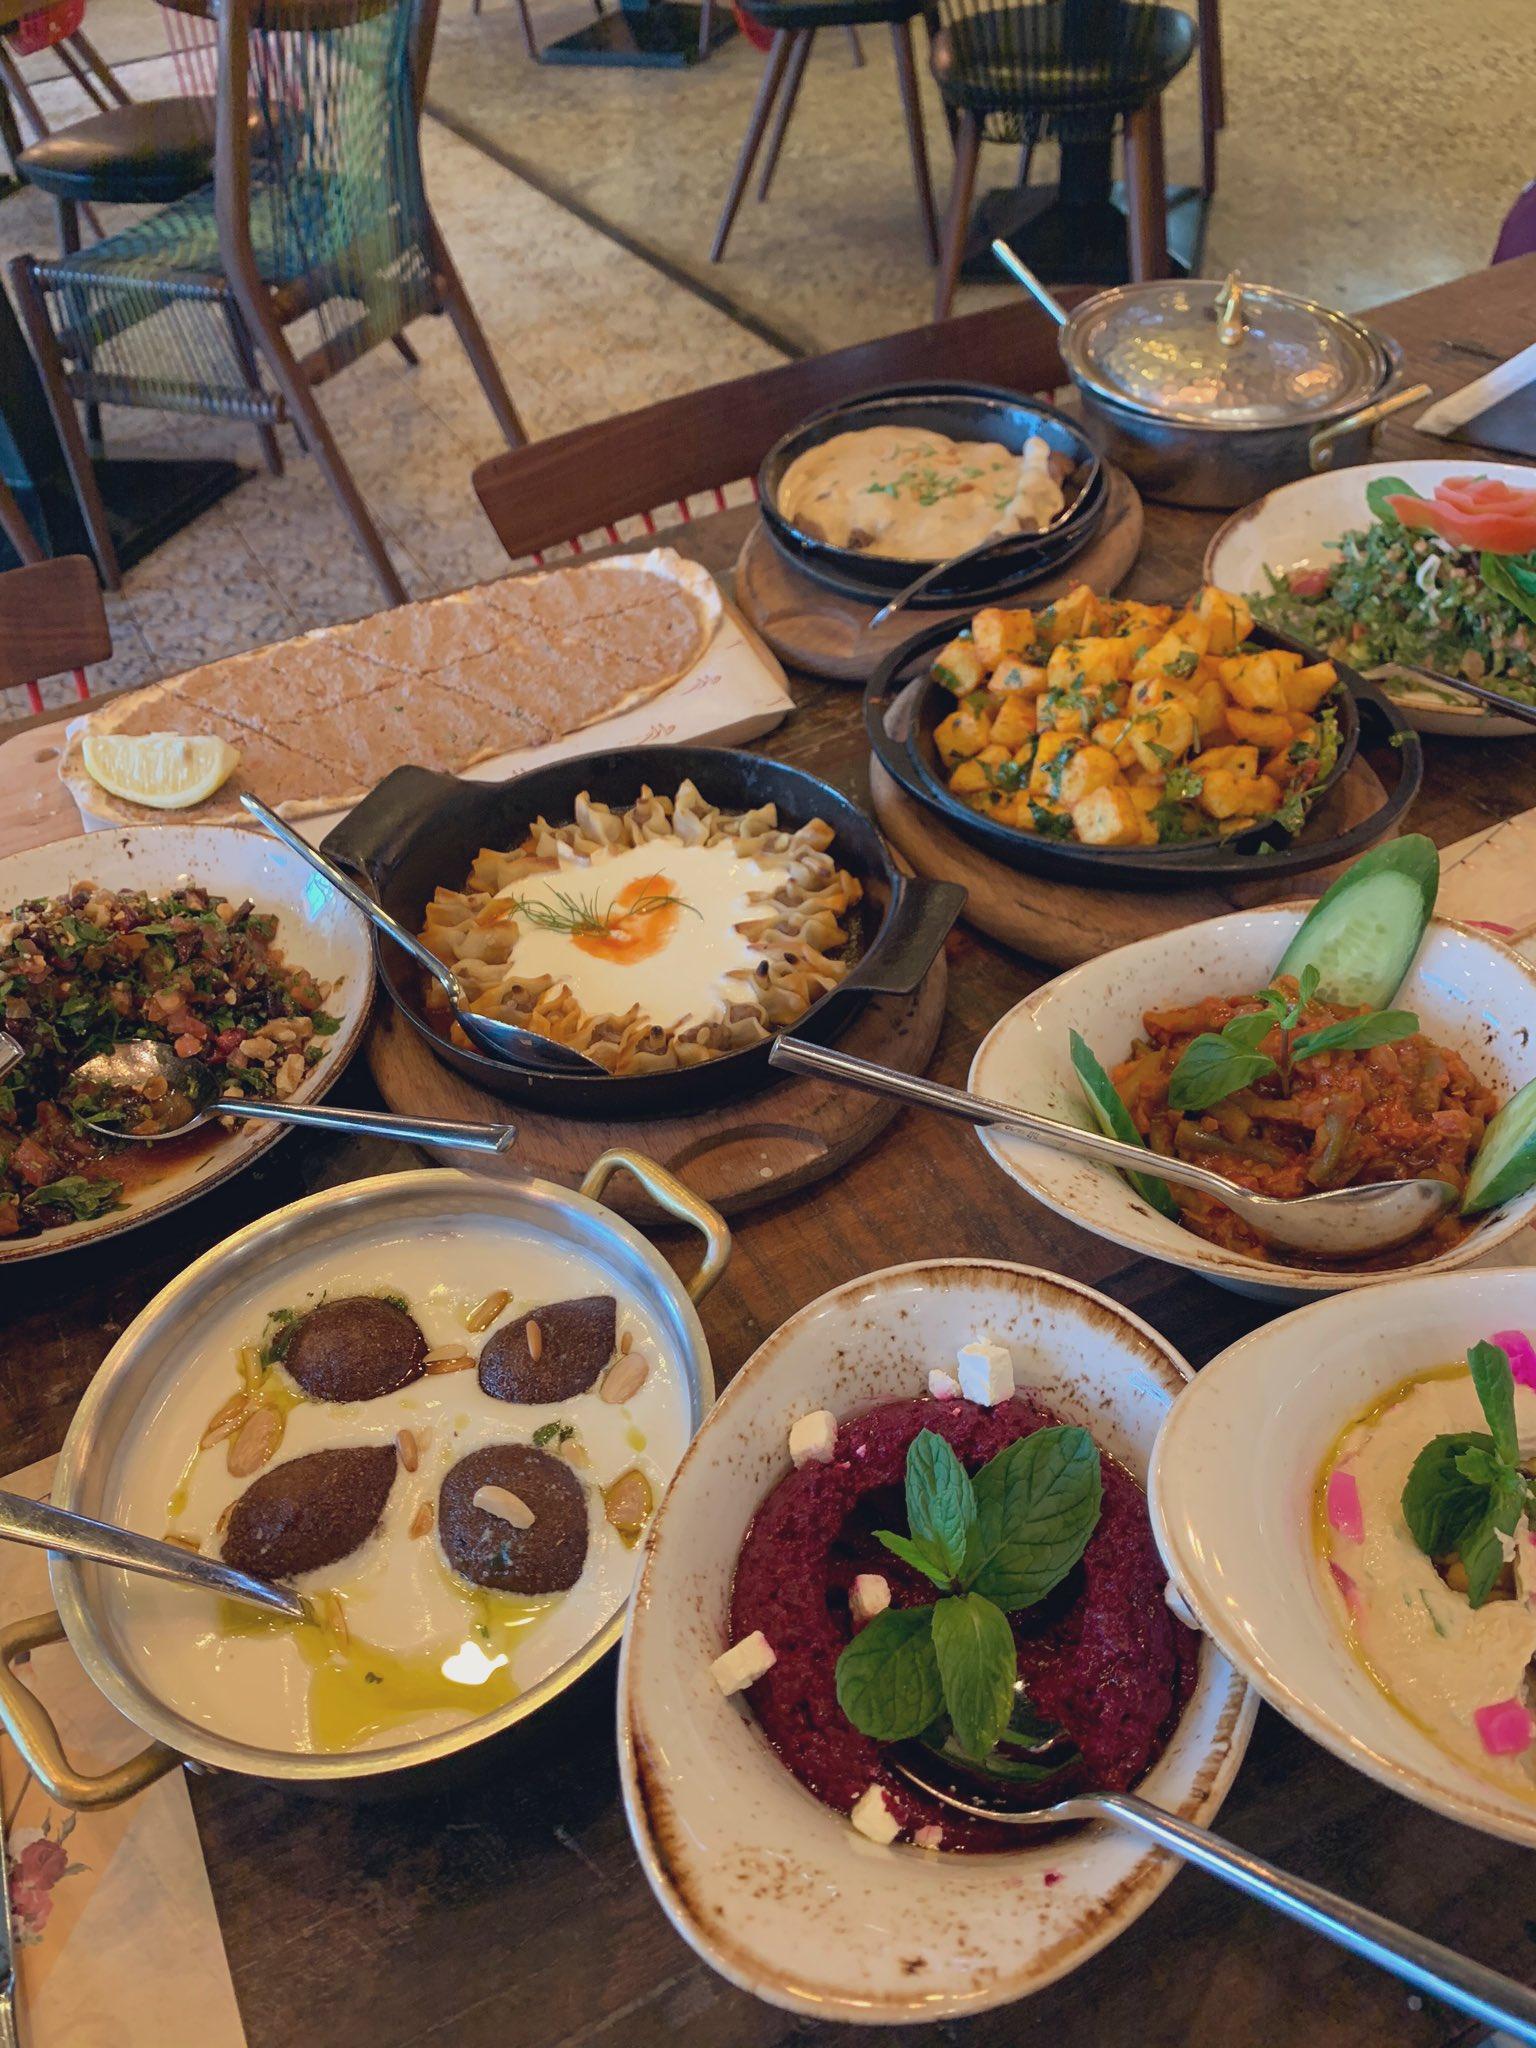 افضل مطاعم فطور في جده عوائل الاسعار المنيو الموقع مطاعم جدة افخم المطاعم